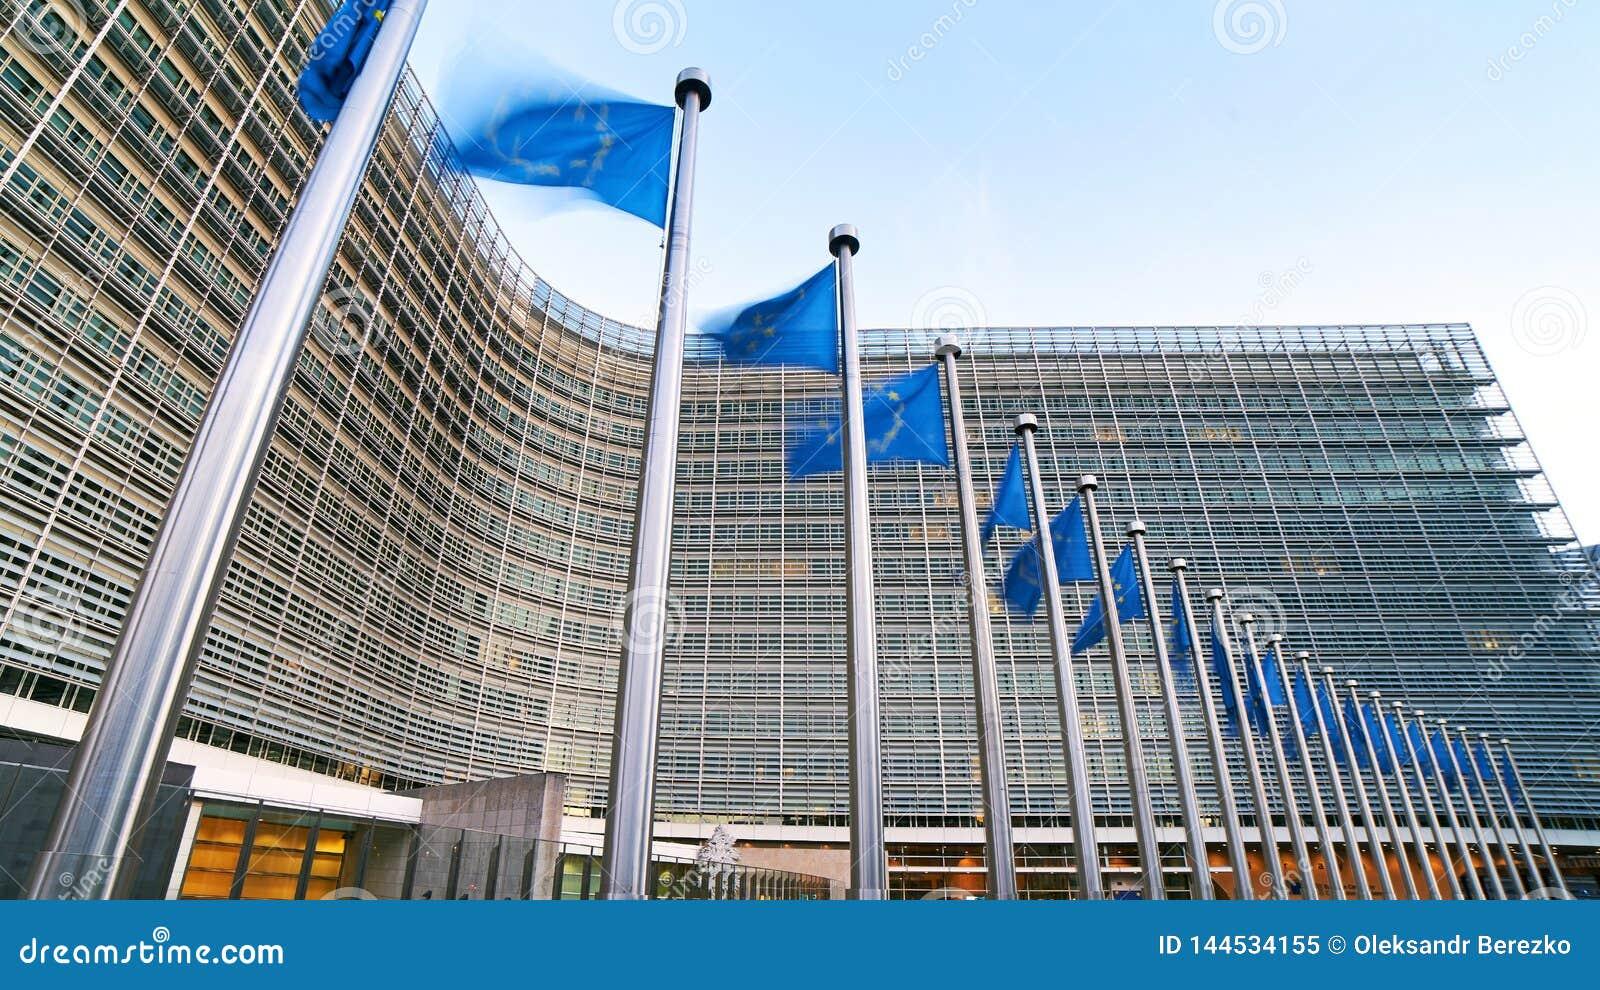 EU-Flaggen der Europäischen Gemeinschaft, die vor dem Berlaymont-Gebäude, Hauptsitze der Europäischen Kommission in Brüssel welle